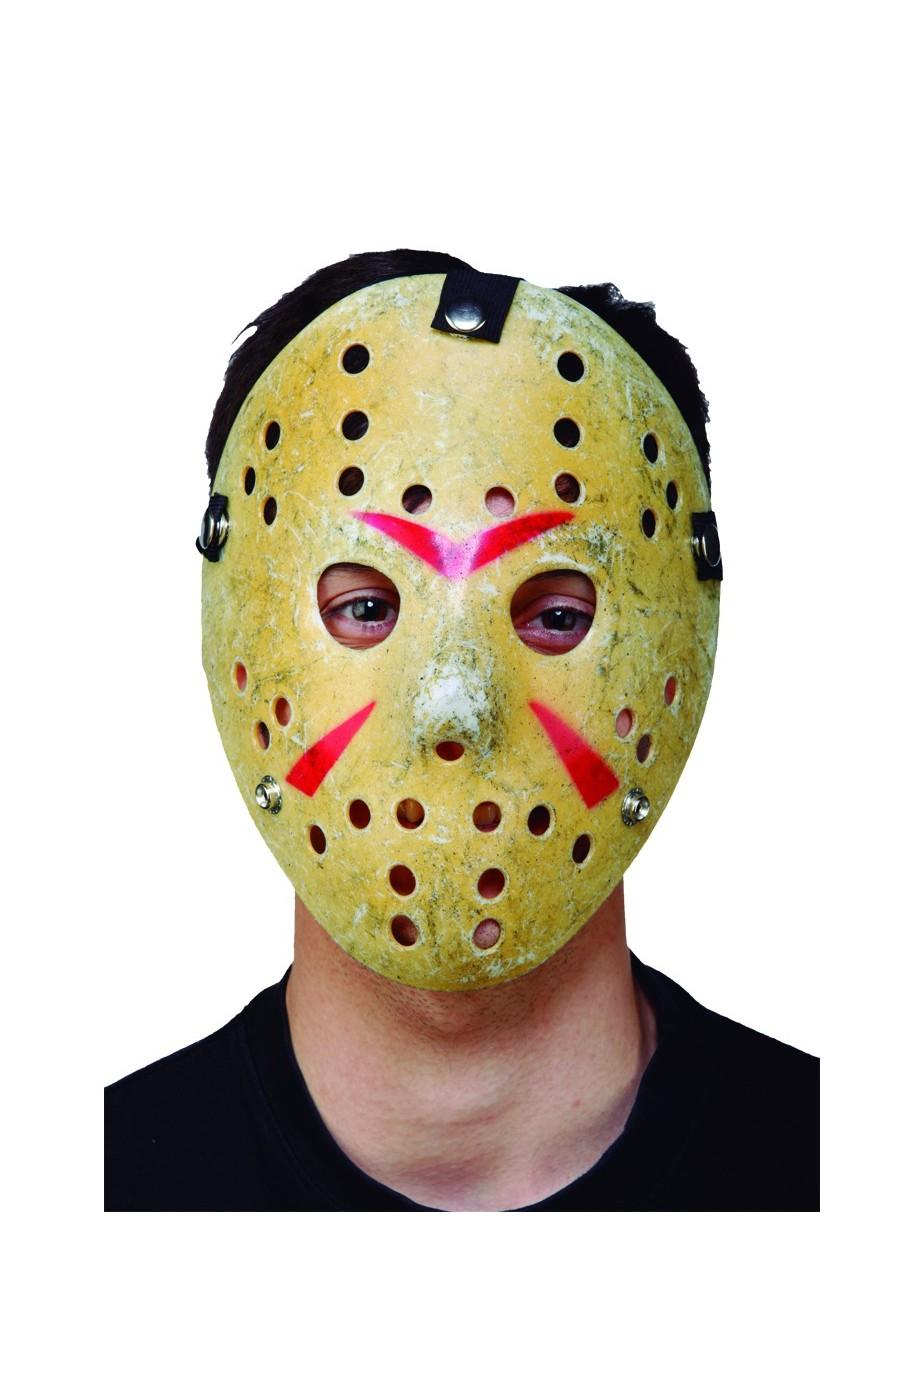 770fb39a12be Maschera carnevale Hockey Jason solo facciale con elastico in plastica